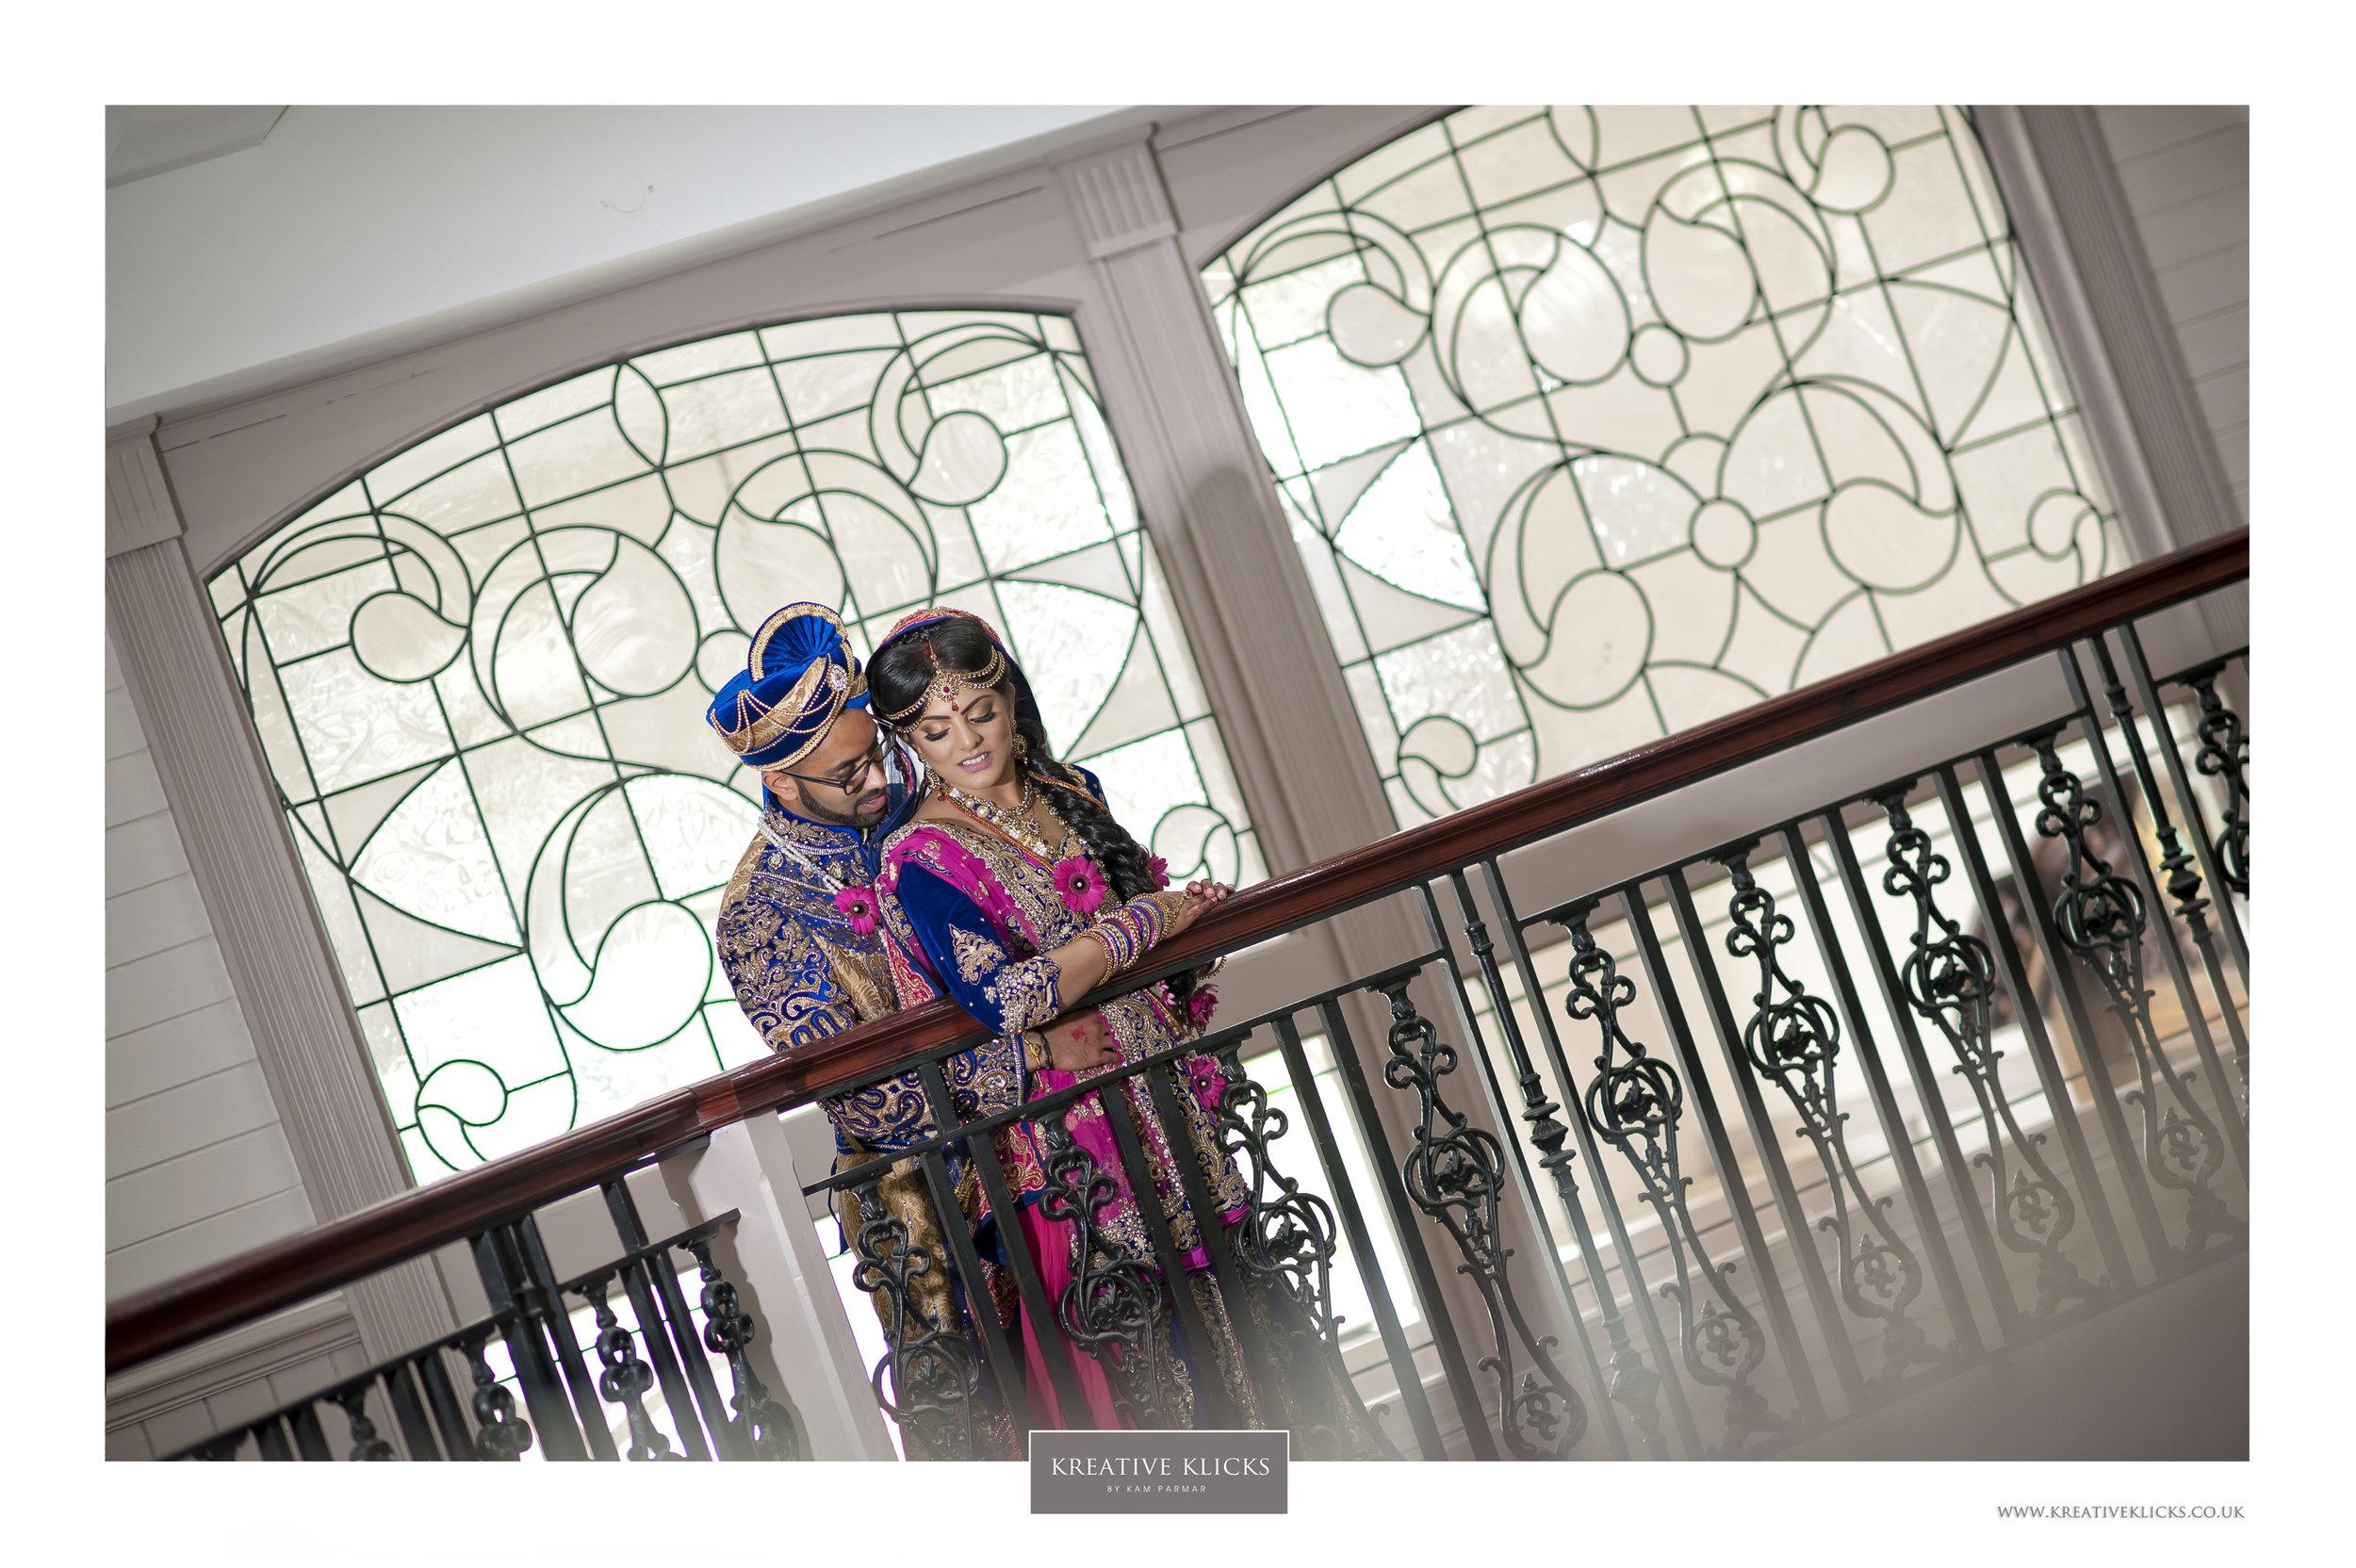 H&M_Hindu-1060 KK.jpg